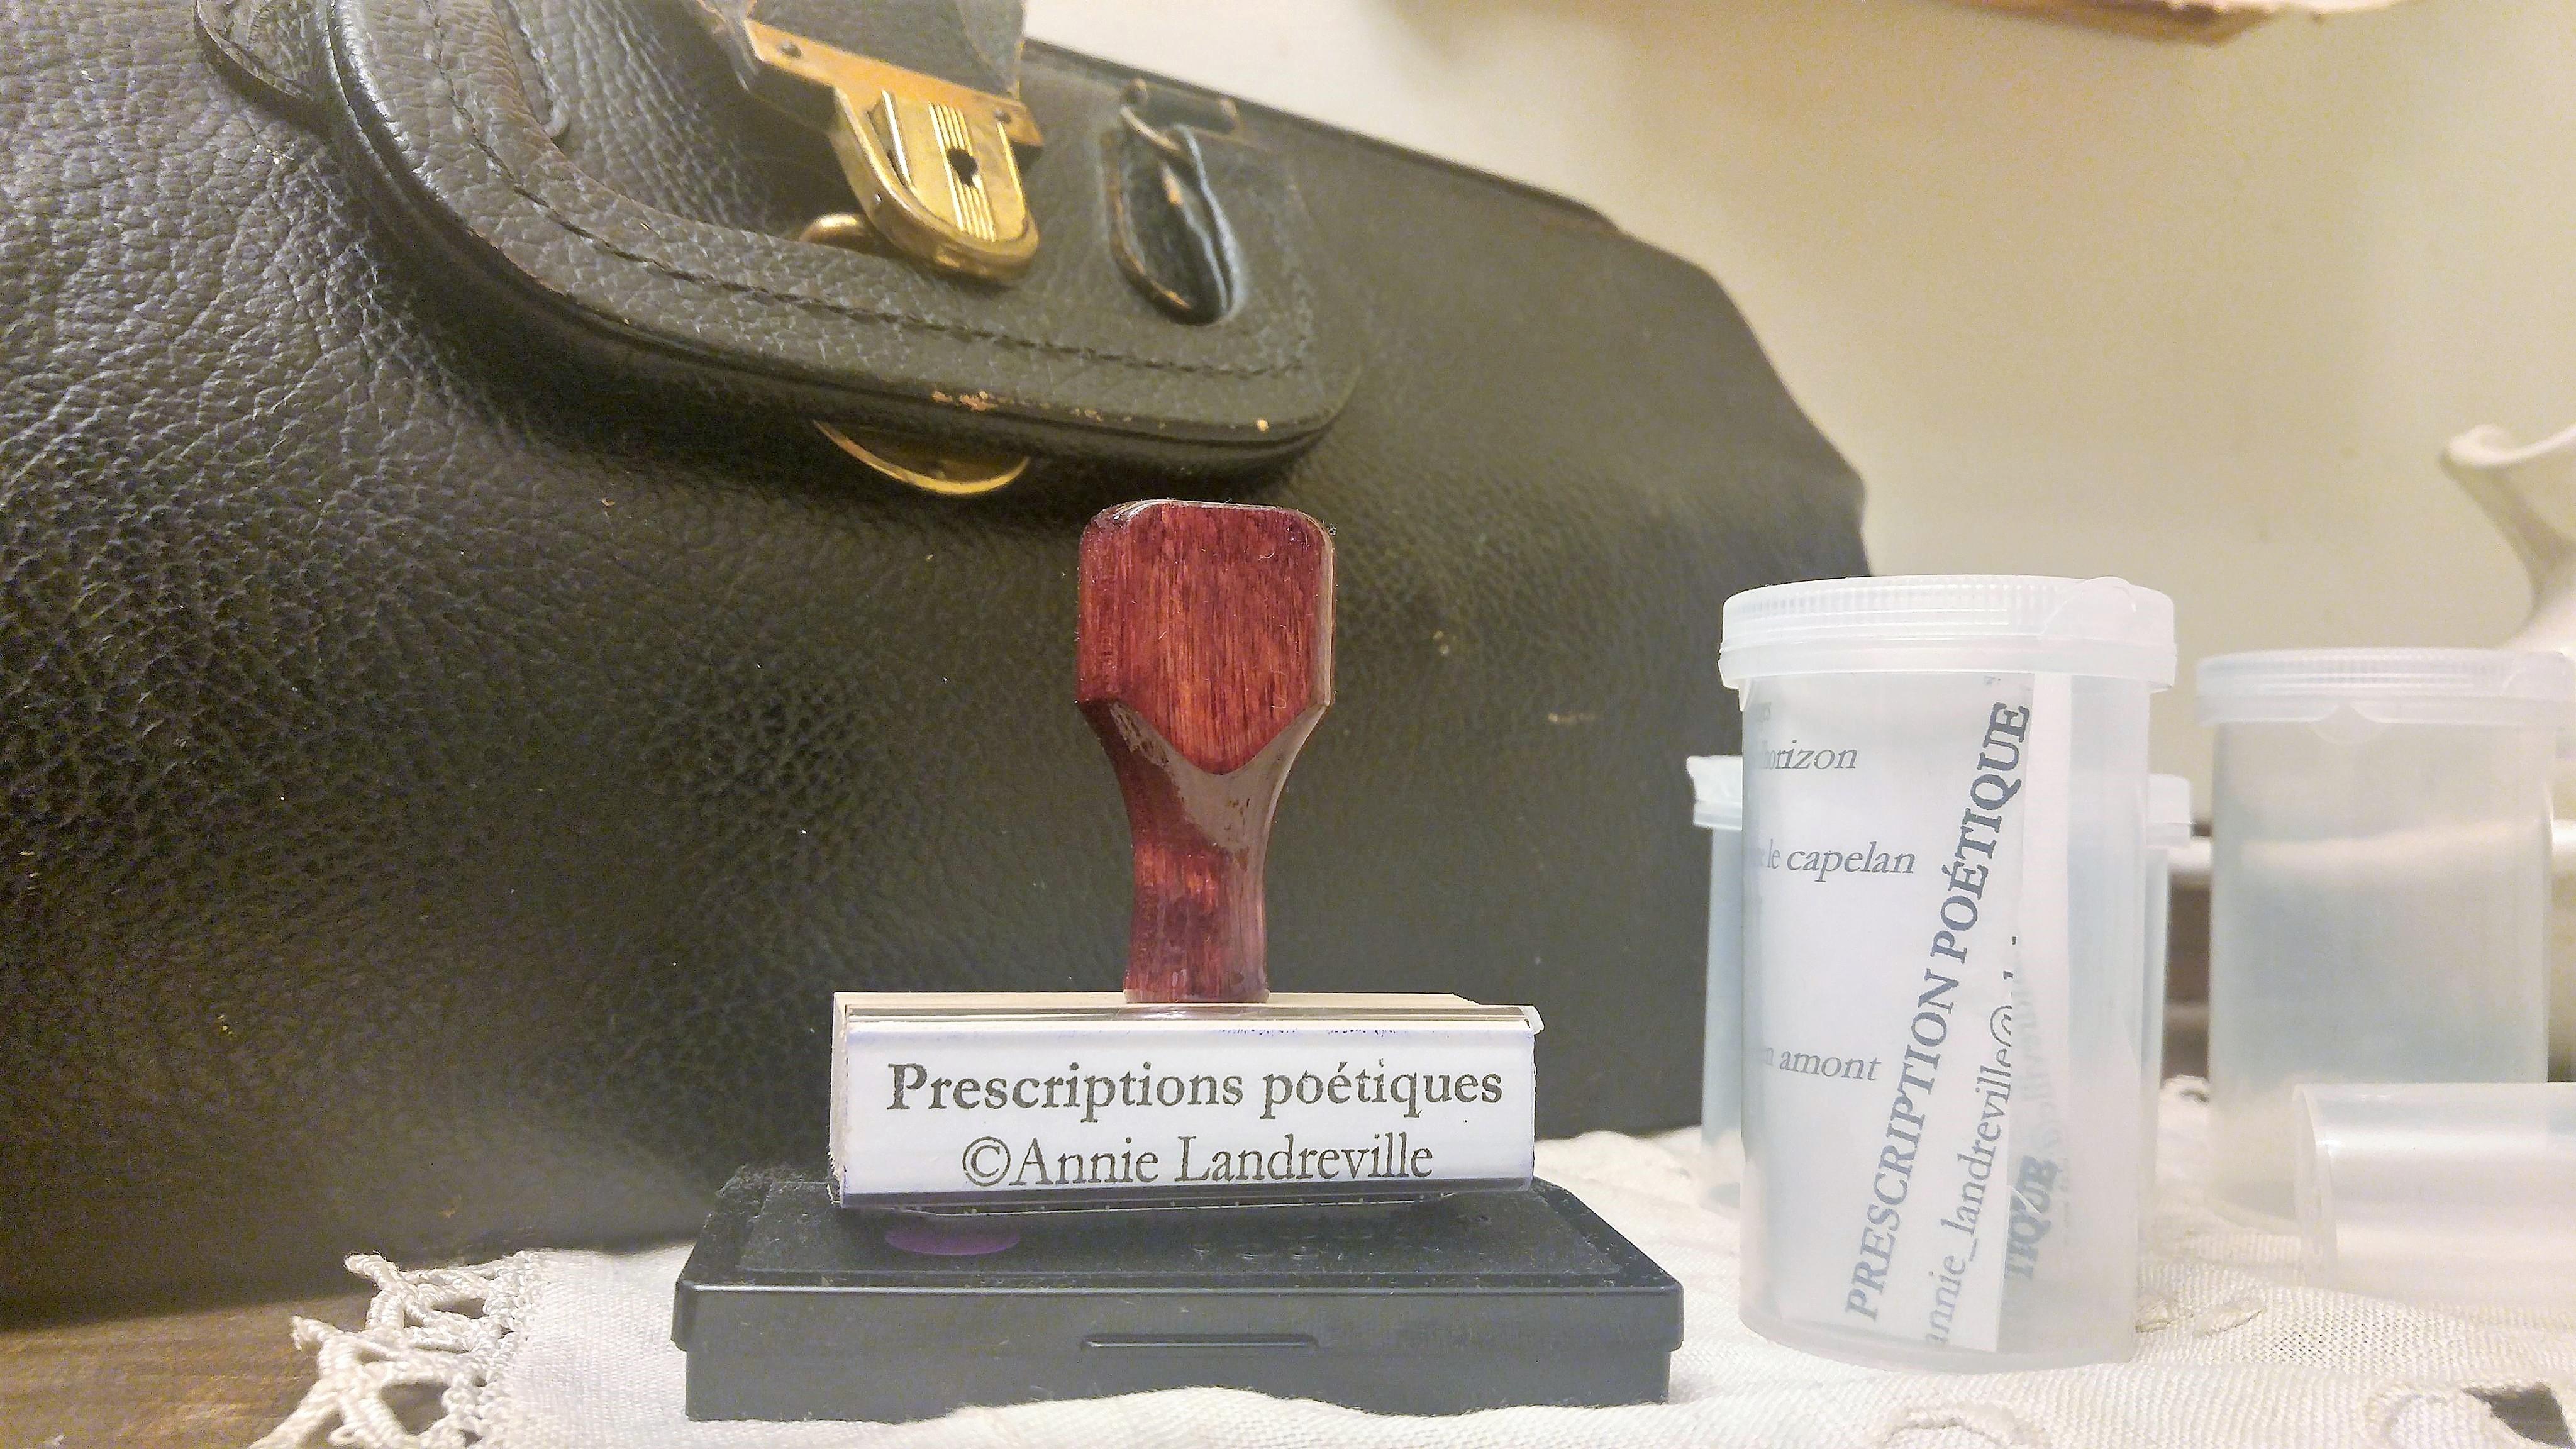 Cabinet de consultation des prescriptions poétiques